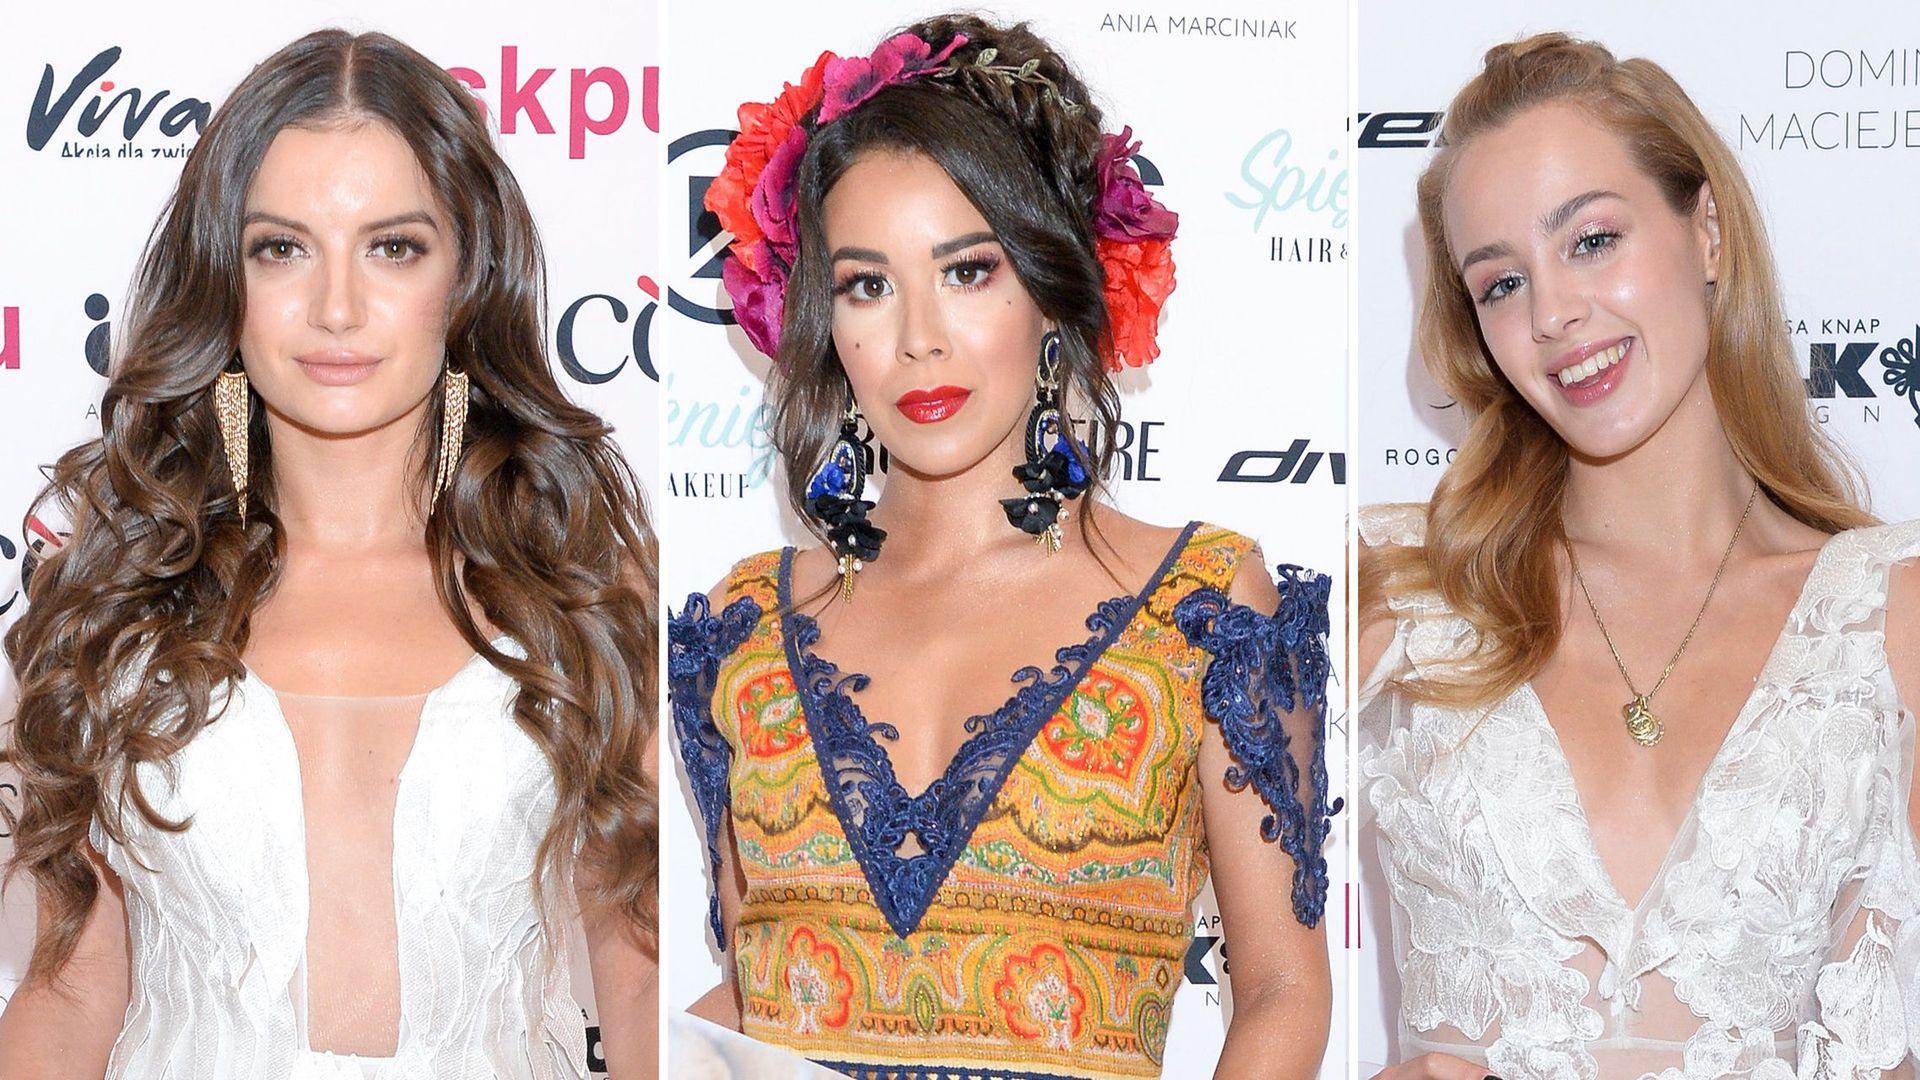 Gabi Drzewiecka, Macademian Girl, Natalia Janoszek i inne gwiazdy promują akcję #stopfutrom (ZDJĘCIA)